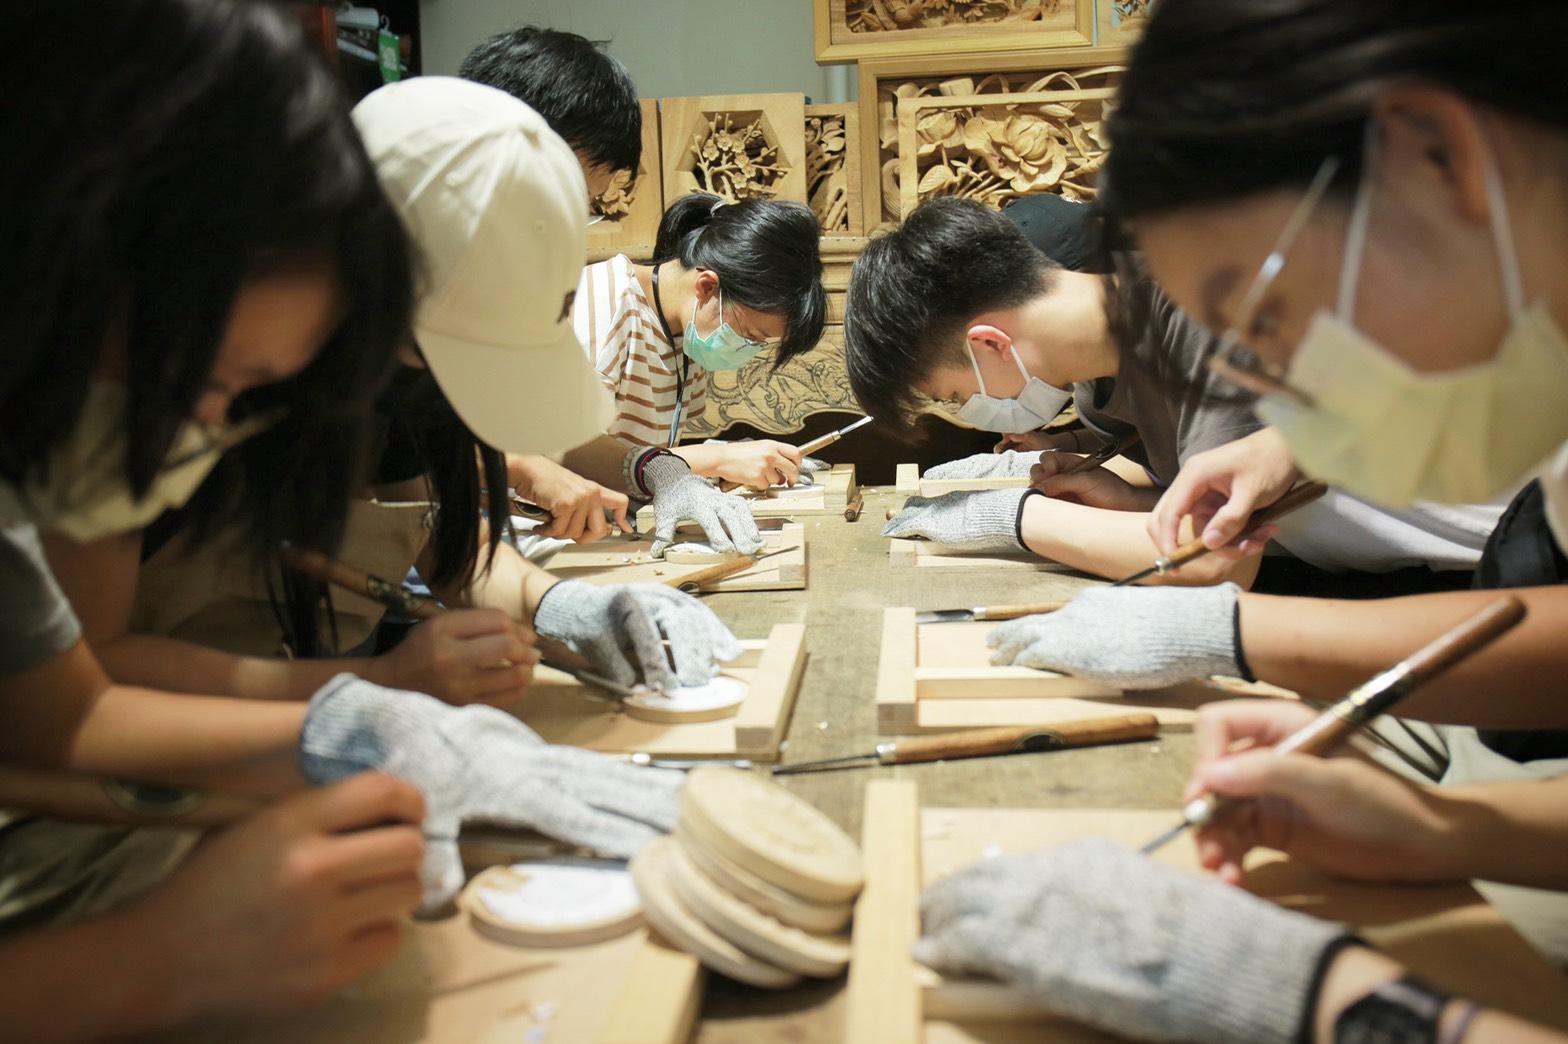 合習聚落裡有許多三峽在地職人,Dreamer學員也一同體驗木工手藝。陳心慈攝影